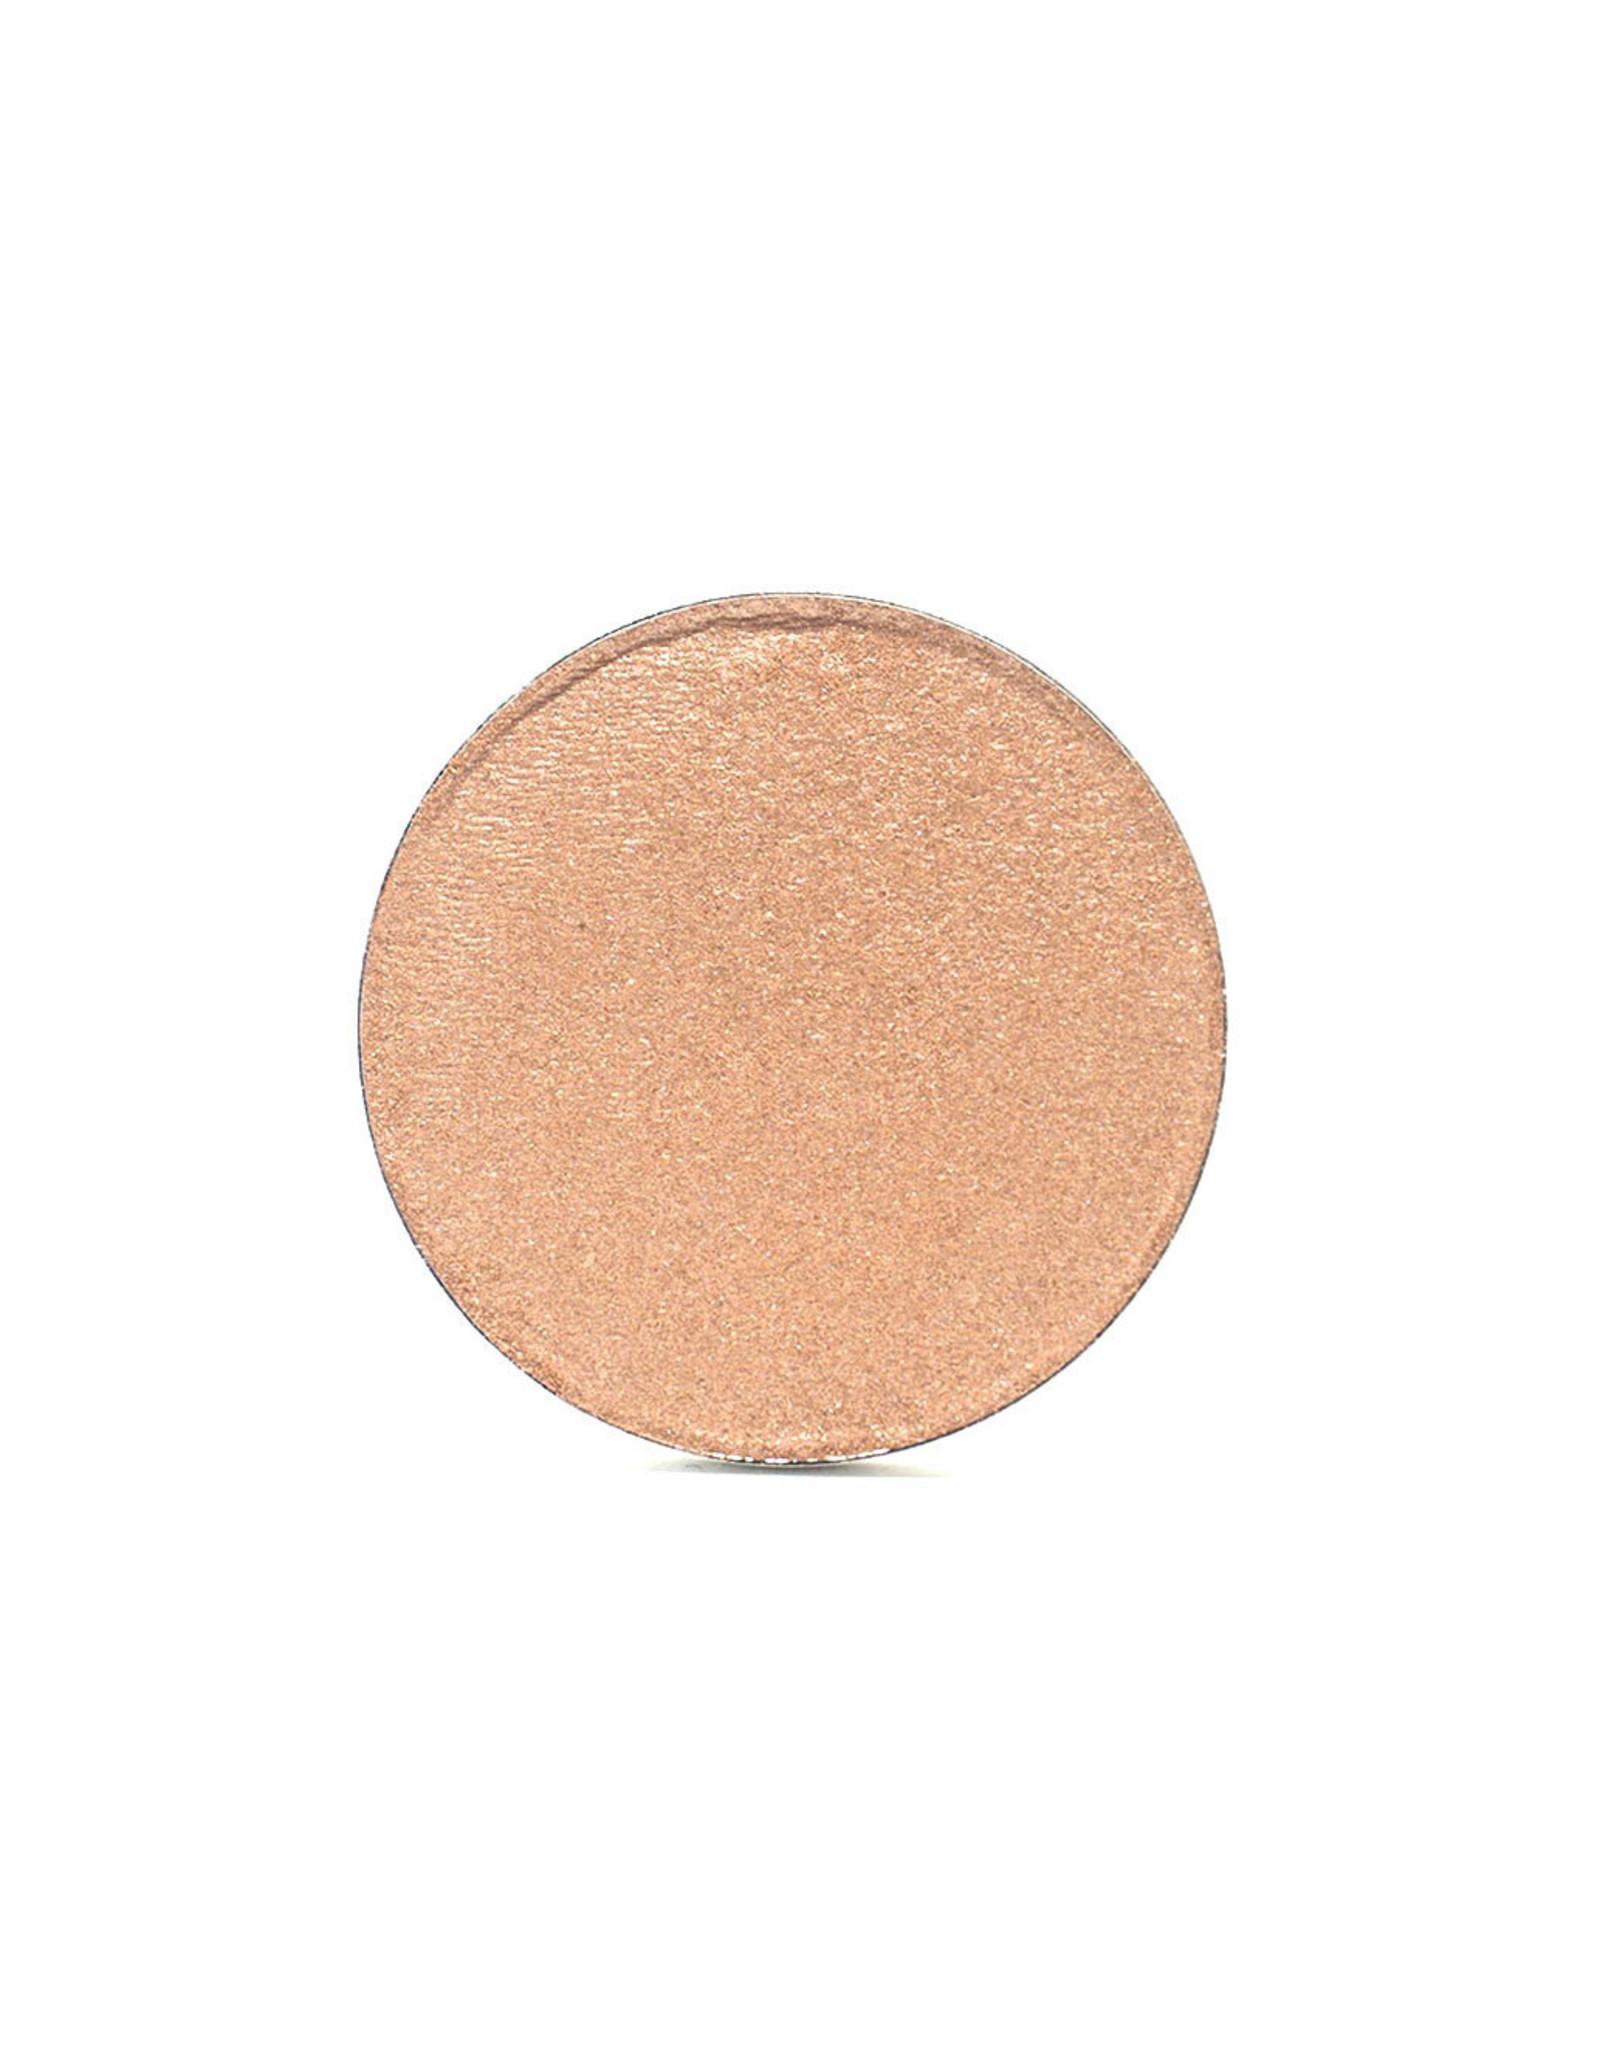 Elate Cosmetics Elate Create Pressed Eye Colour - Ethereal